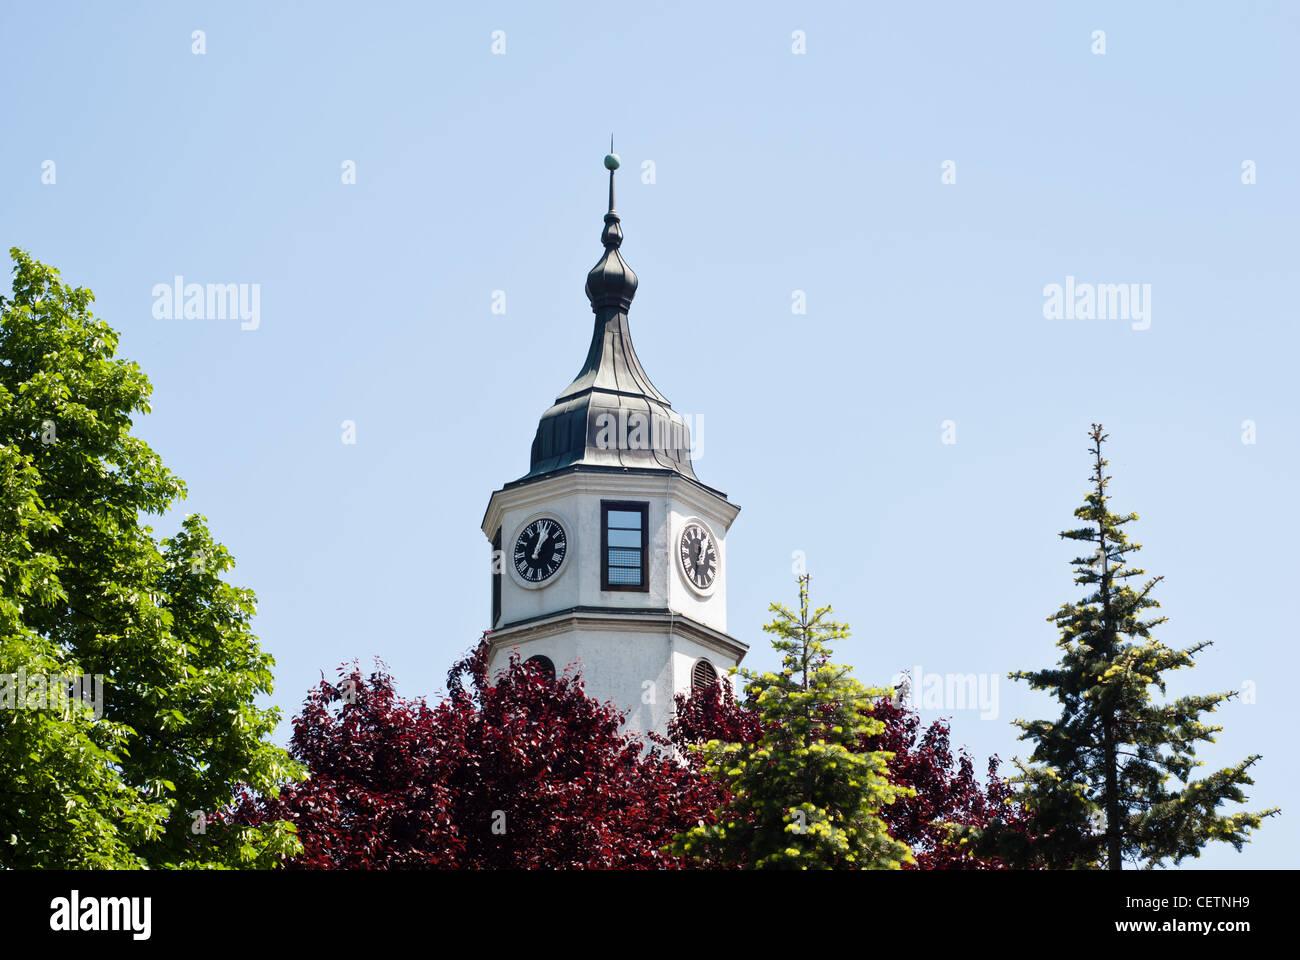 Belgrade: Bell tower in Kalemegdan park - Stock Image